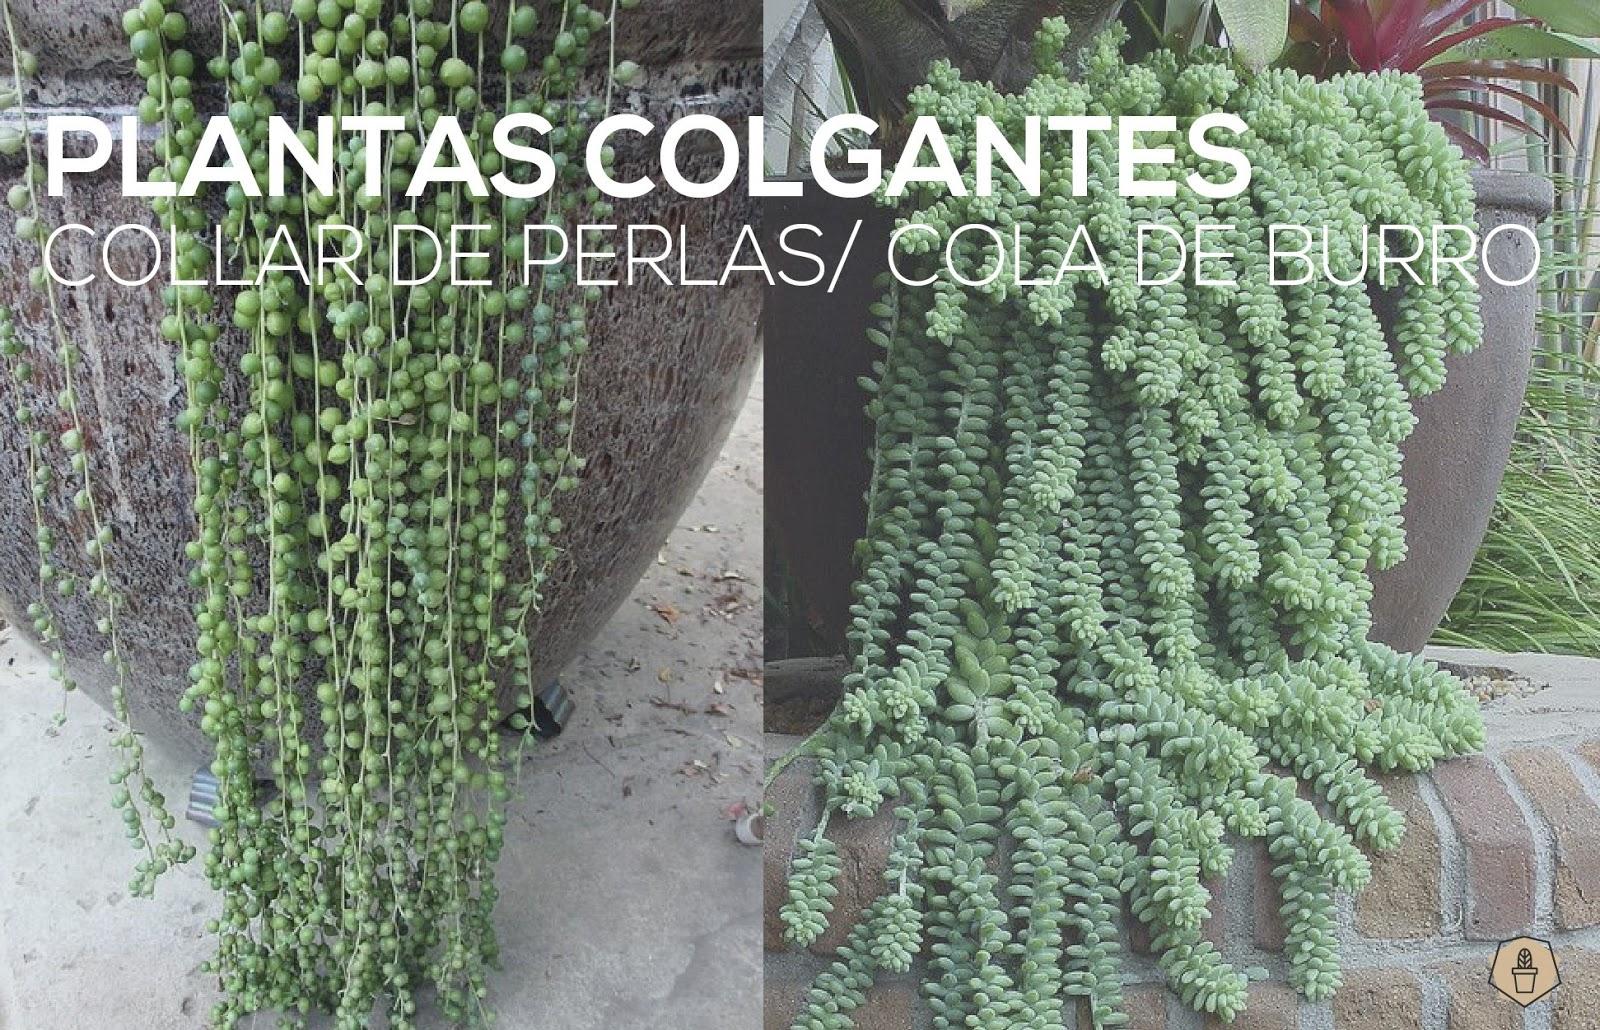 Plantas colgantes collar de perlas cola de burro saperes - Plantas colgantes ...